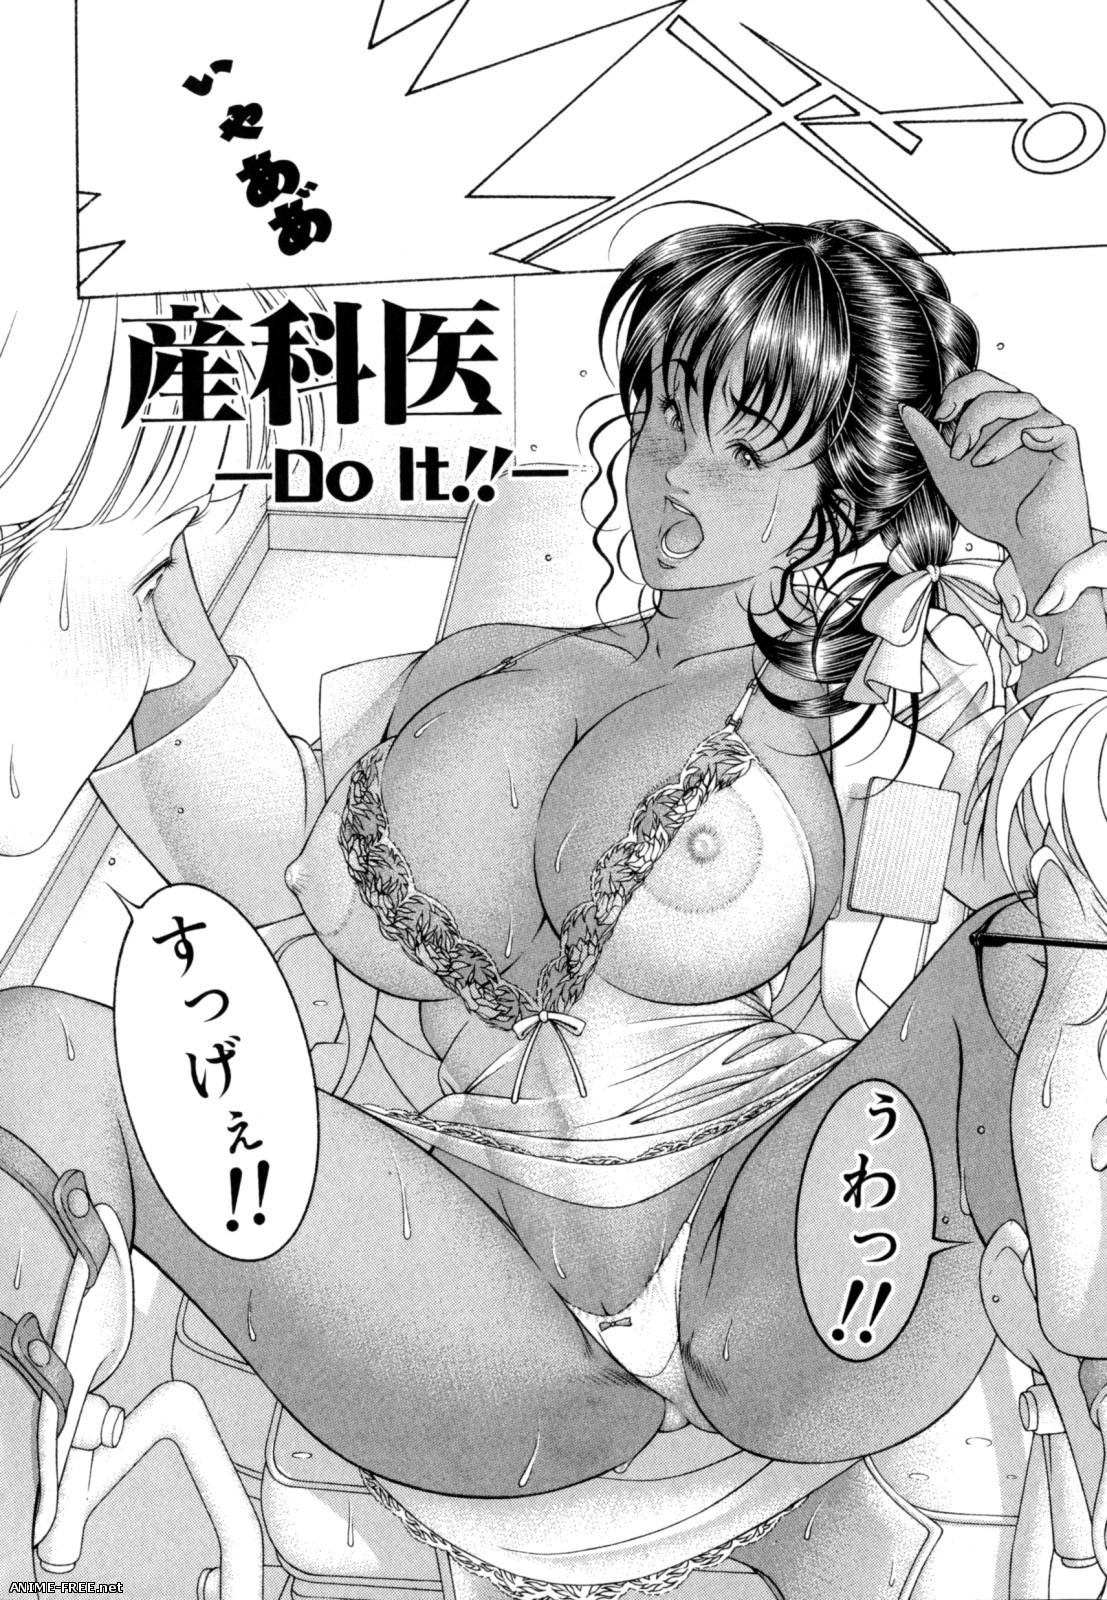 Moriya Makoto / Maeda Takaya / Naruse Yoshimi - Сборник хентай манги [Ptcen] [ENG,JAP,RUS] Manga Hentai